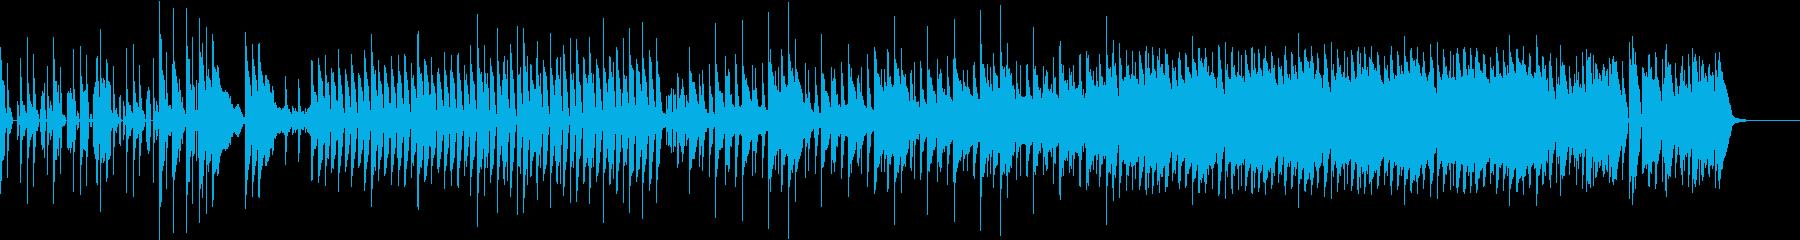 楽しい日常のポップな電子系BGMの再生済みの波形